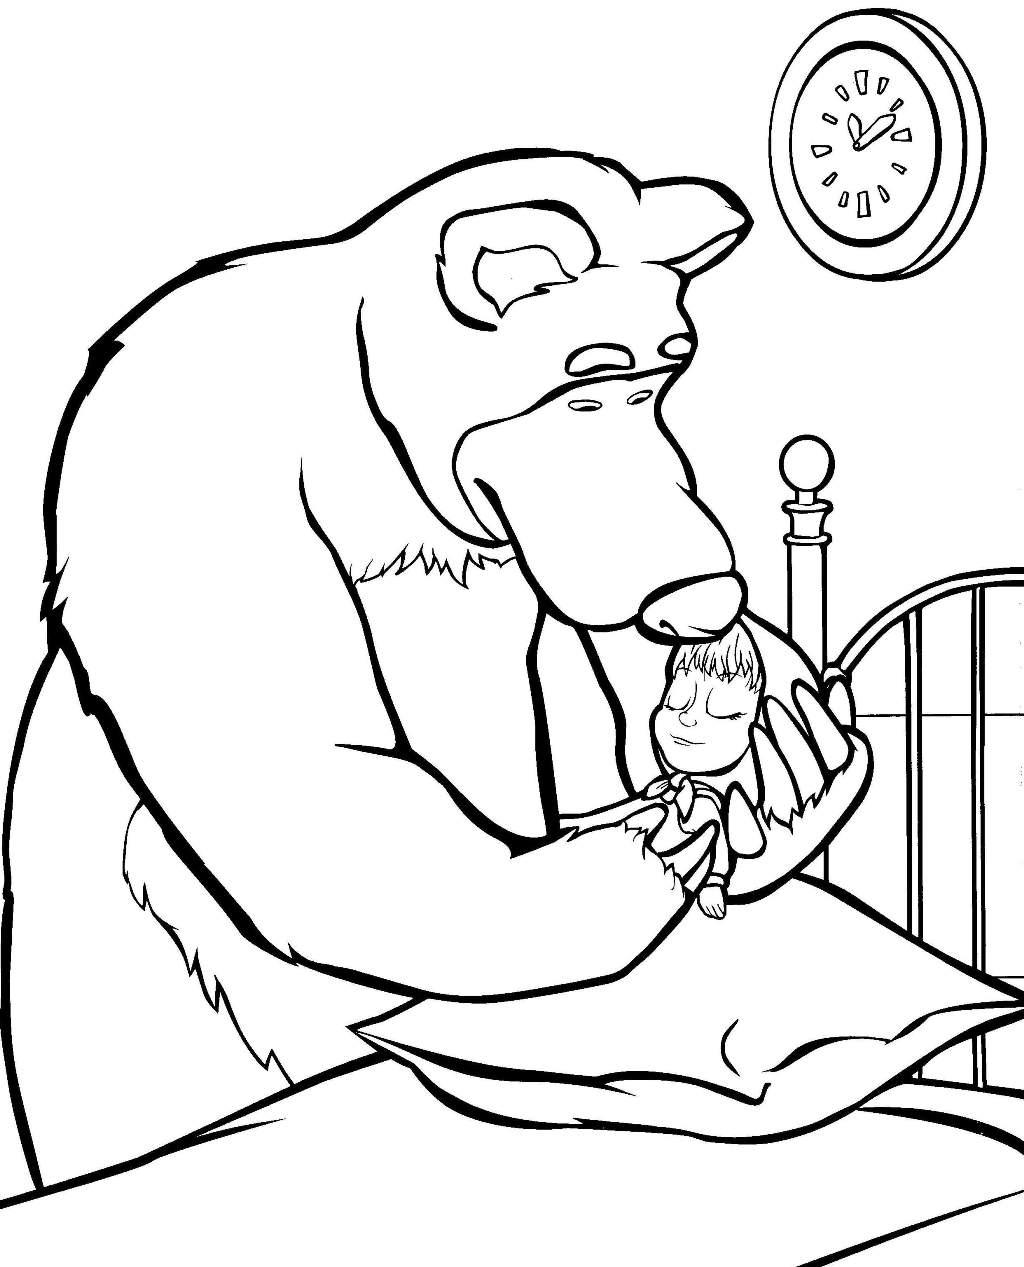 Медведь укладывает машу спать Зимние раскраски для мальчиков